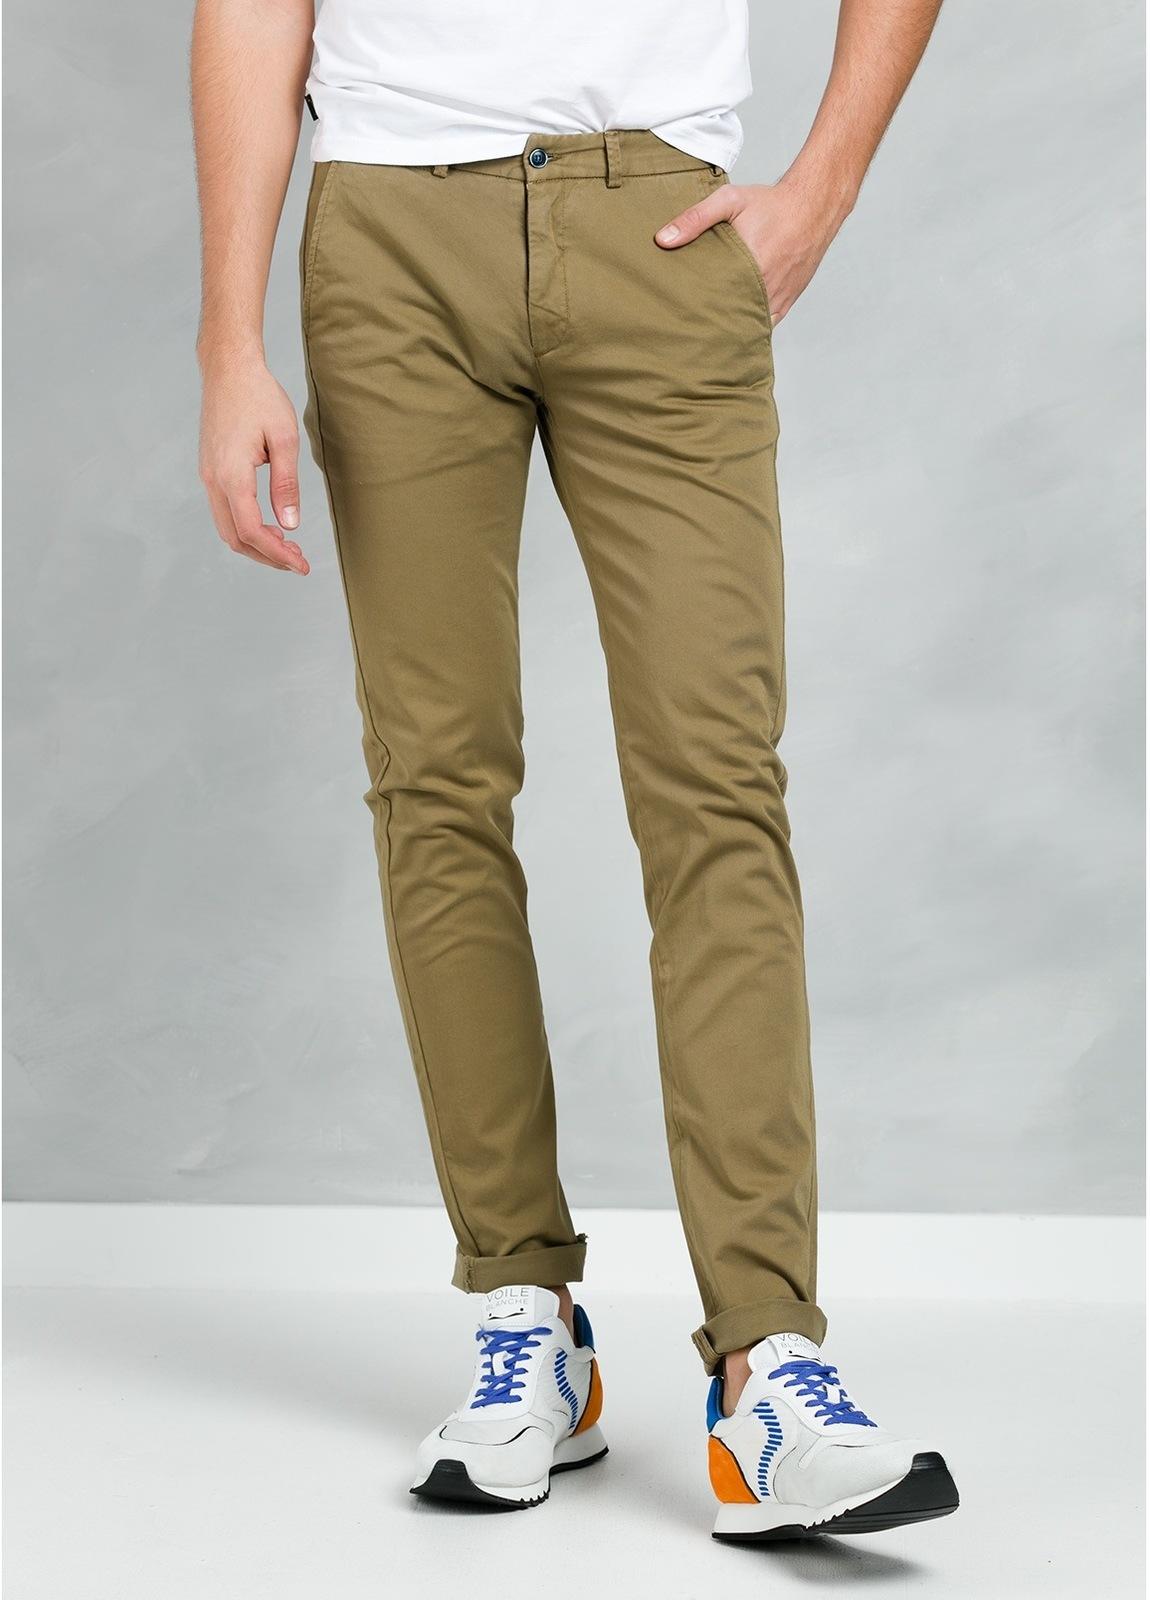 Pantalón Casual Wear, SLIM FIT micro textura color tostado, 97% Algodón 3% Elastómero.